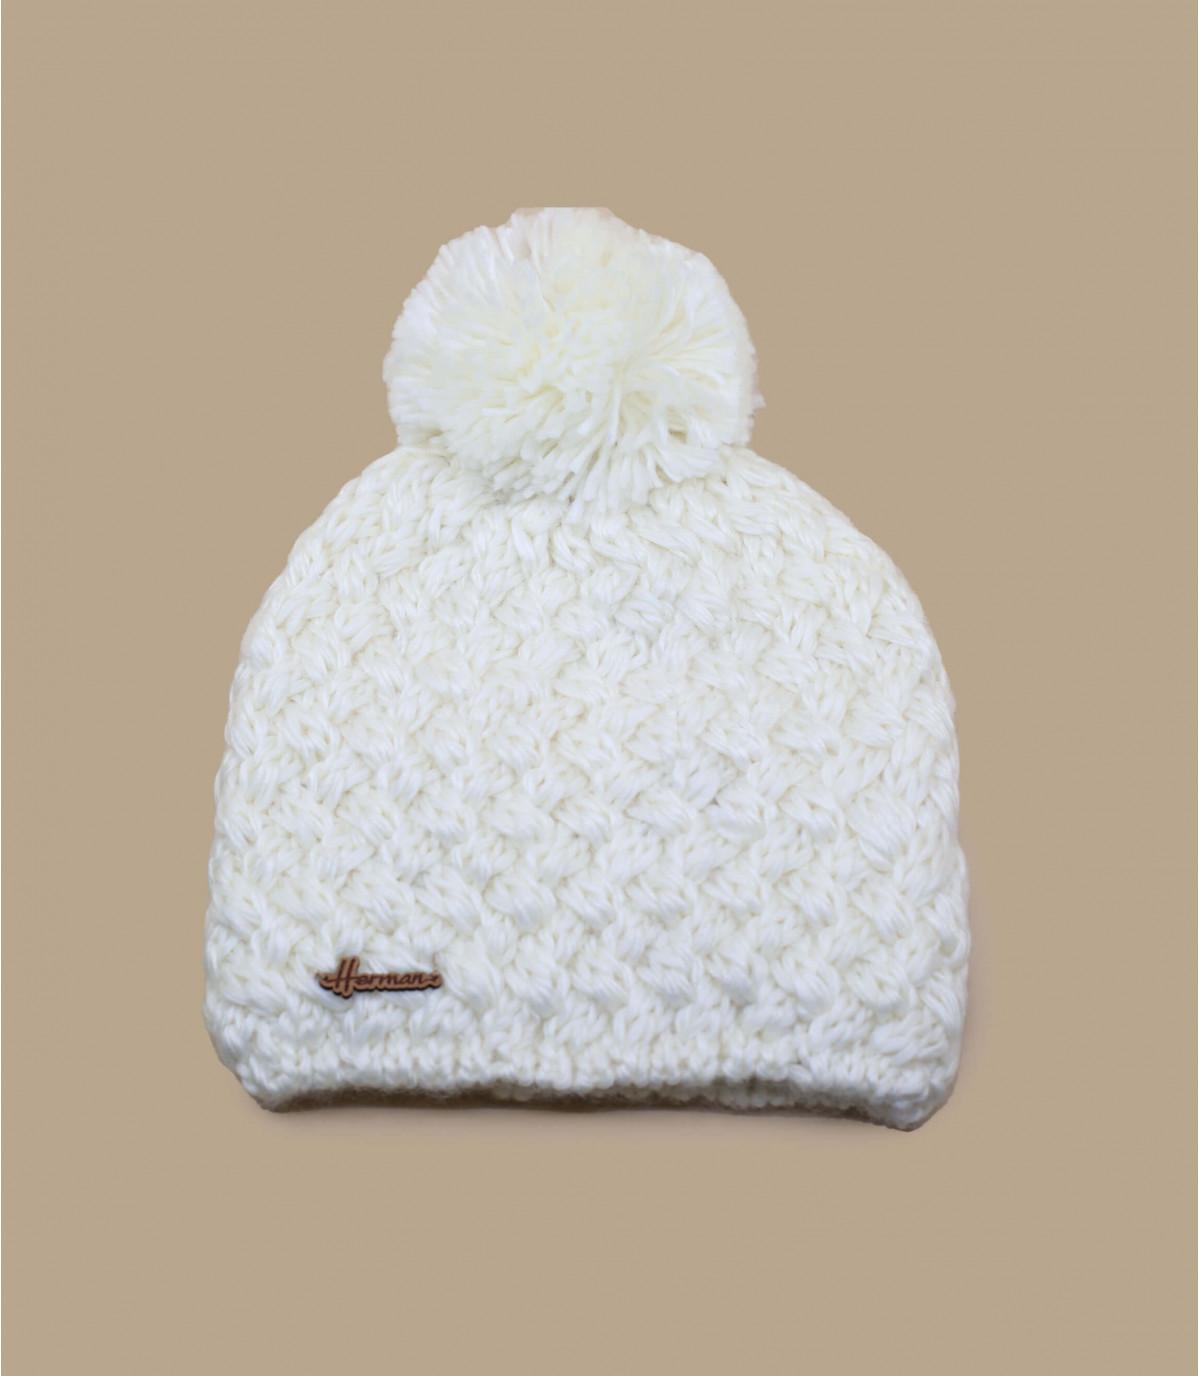 borla de lana gorro blanco